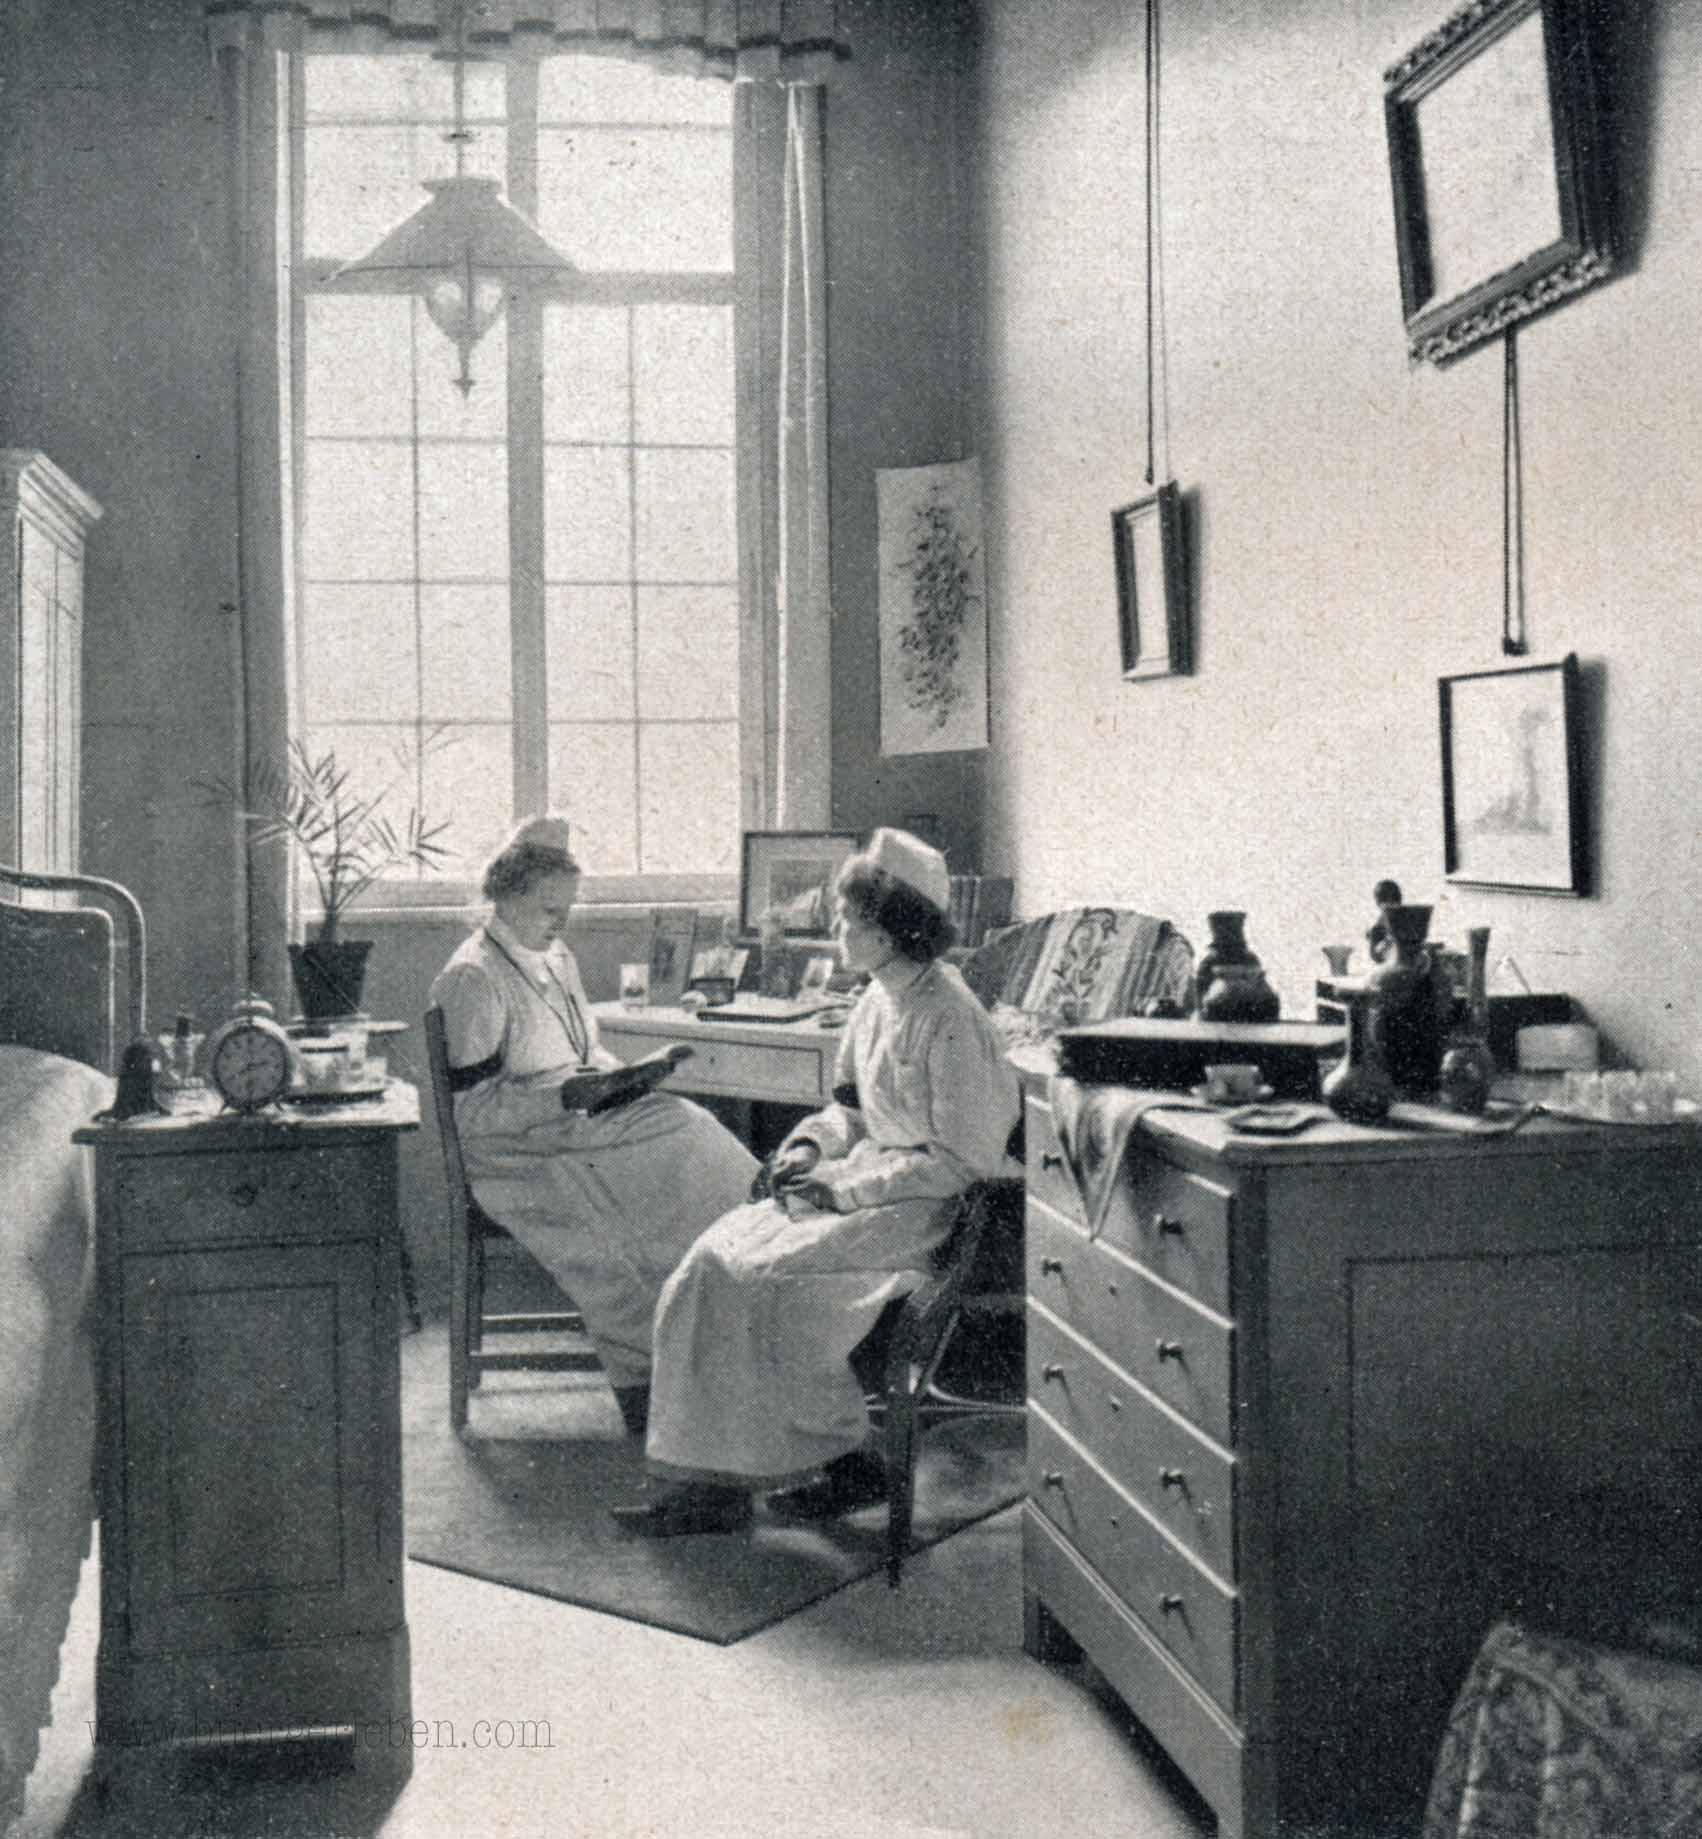 ein-schwesternzimmer-s.128